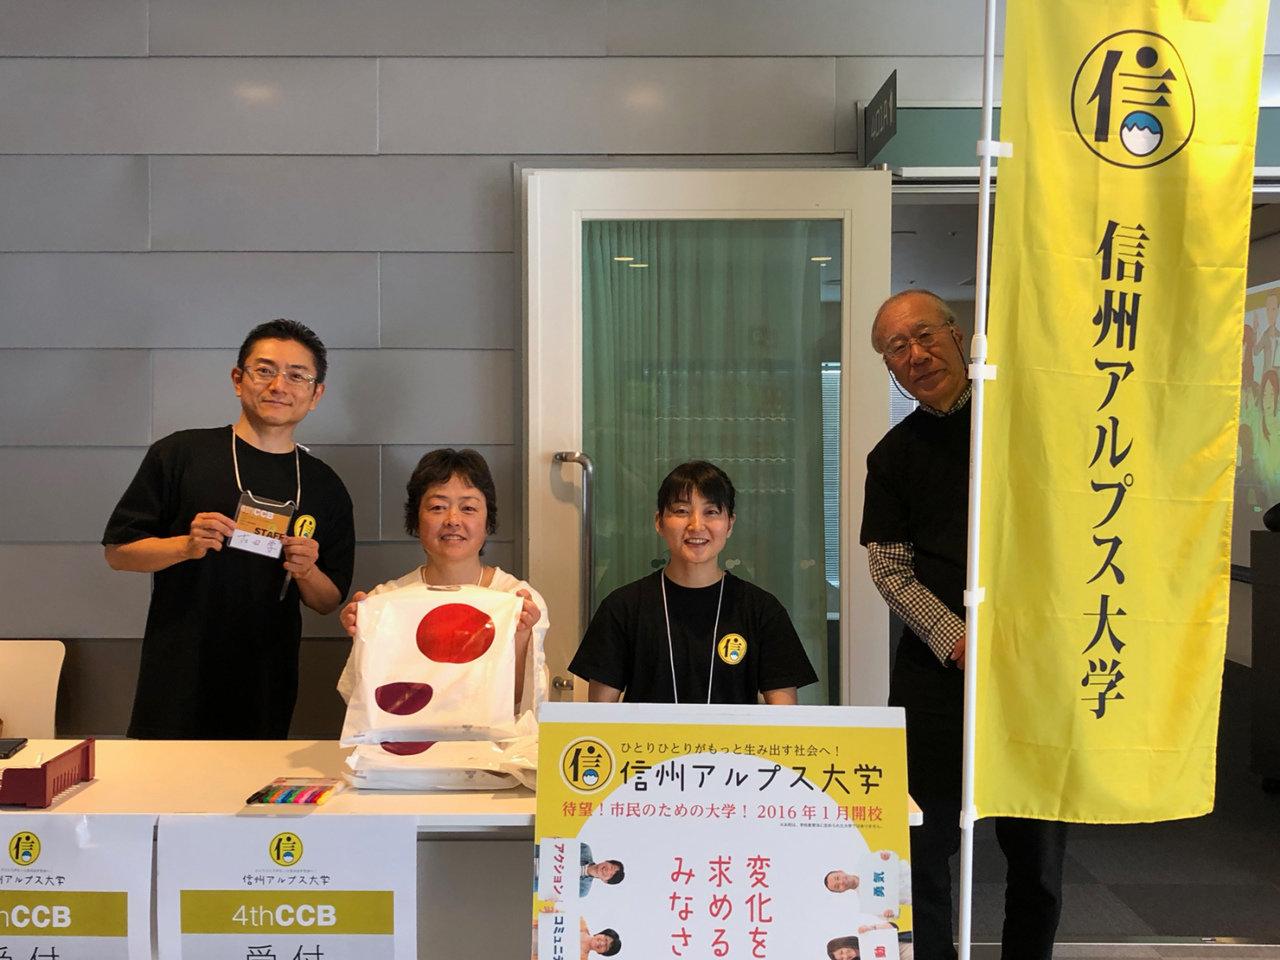 コミュニティカレッジ・バックステージVol.4(長野県塩尻市)